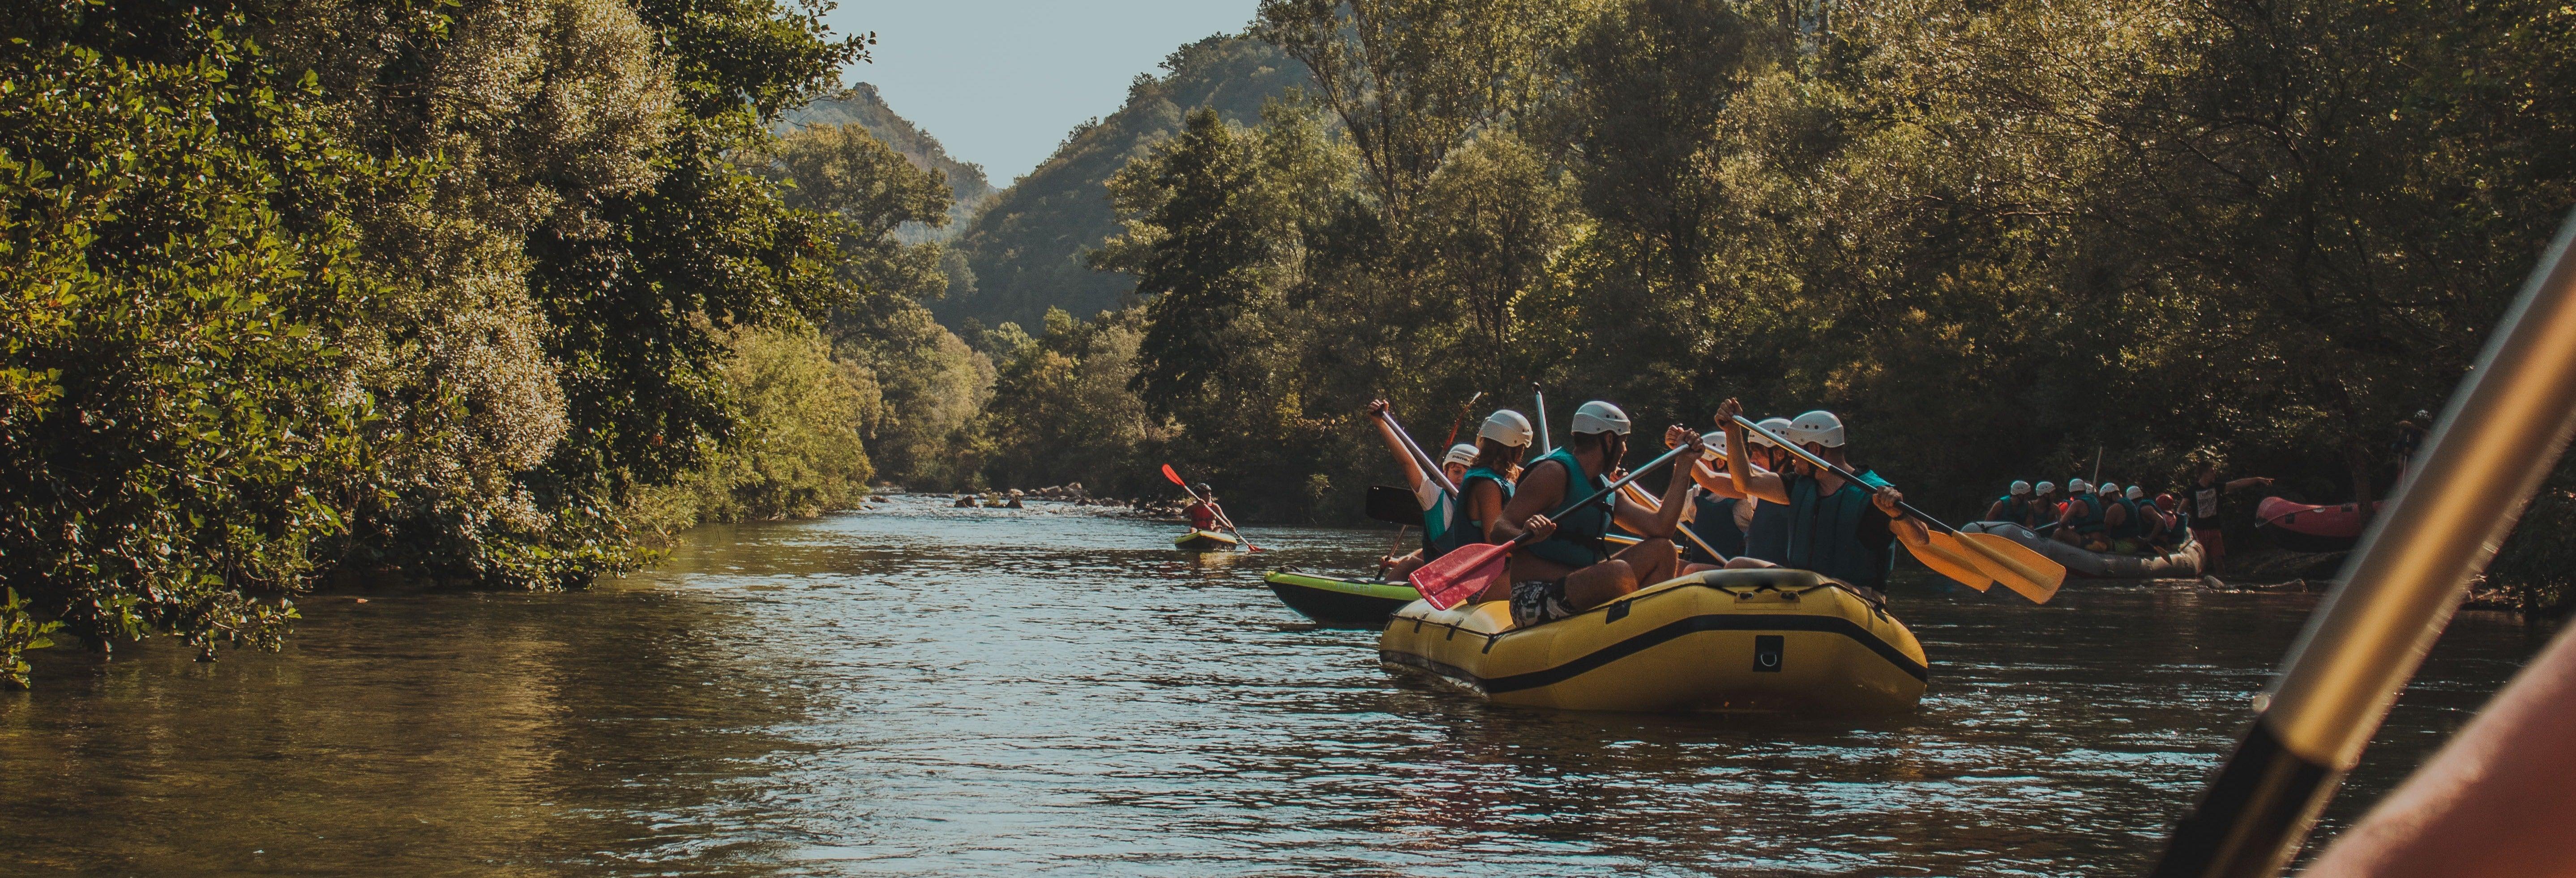 Tour en kayak por el río Cetina